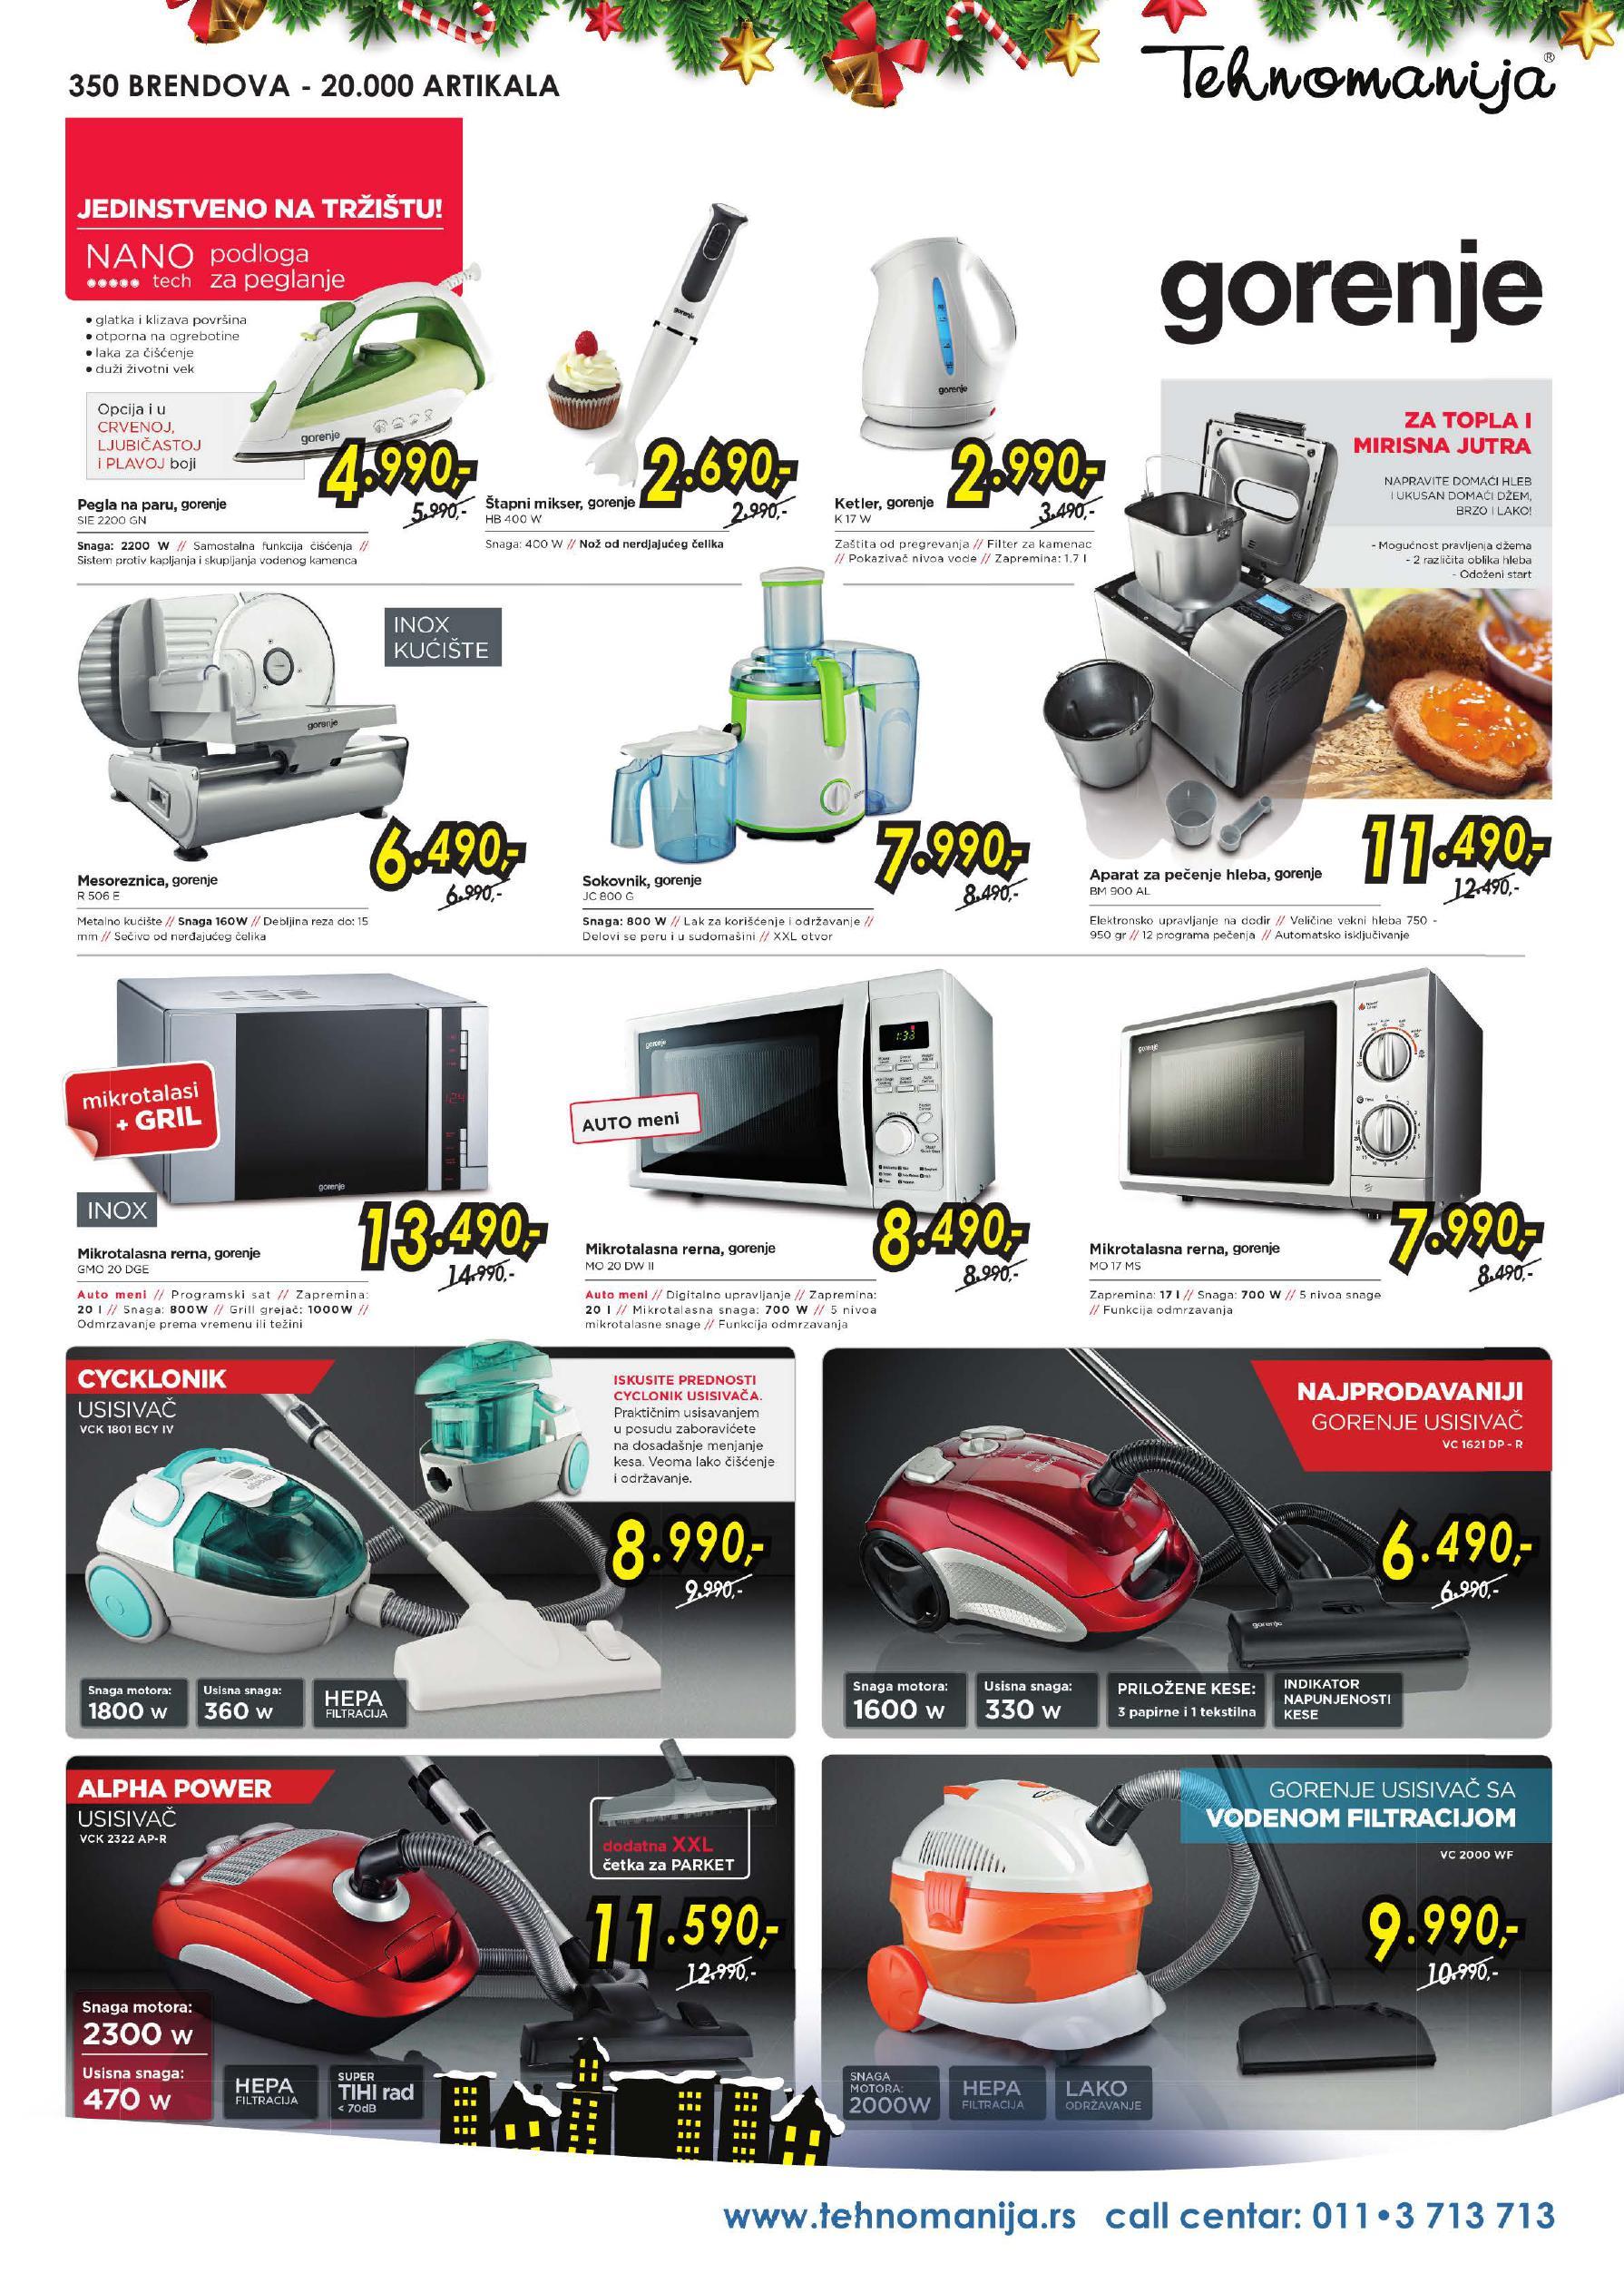 Tehnomanija katalog super ponuda malih kućnih aparata